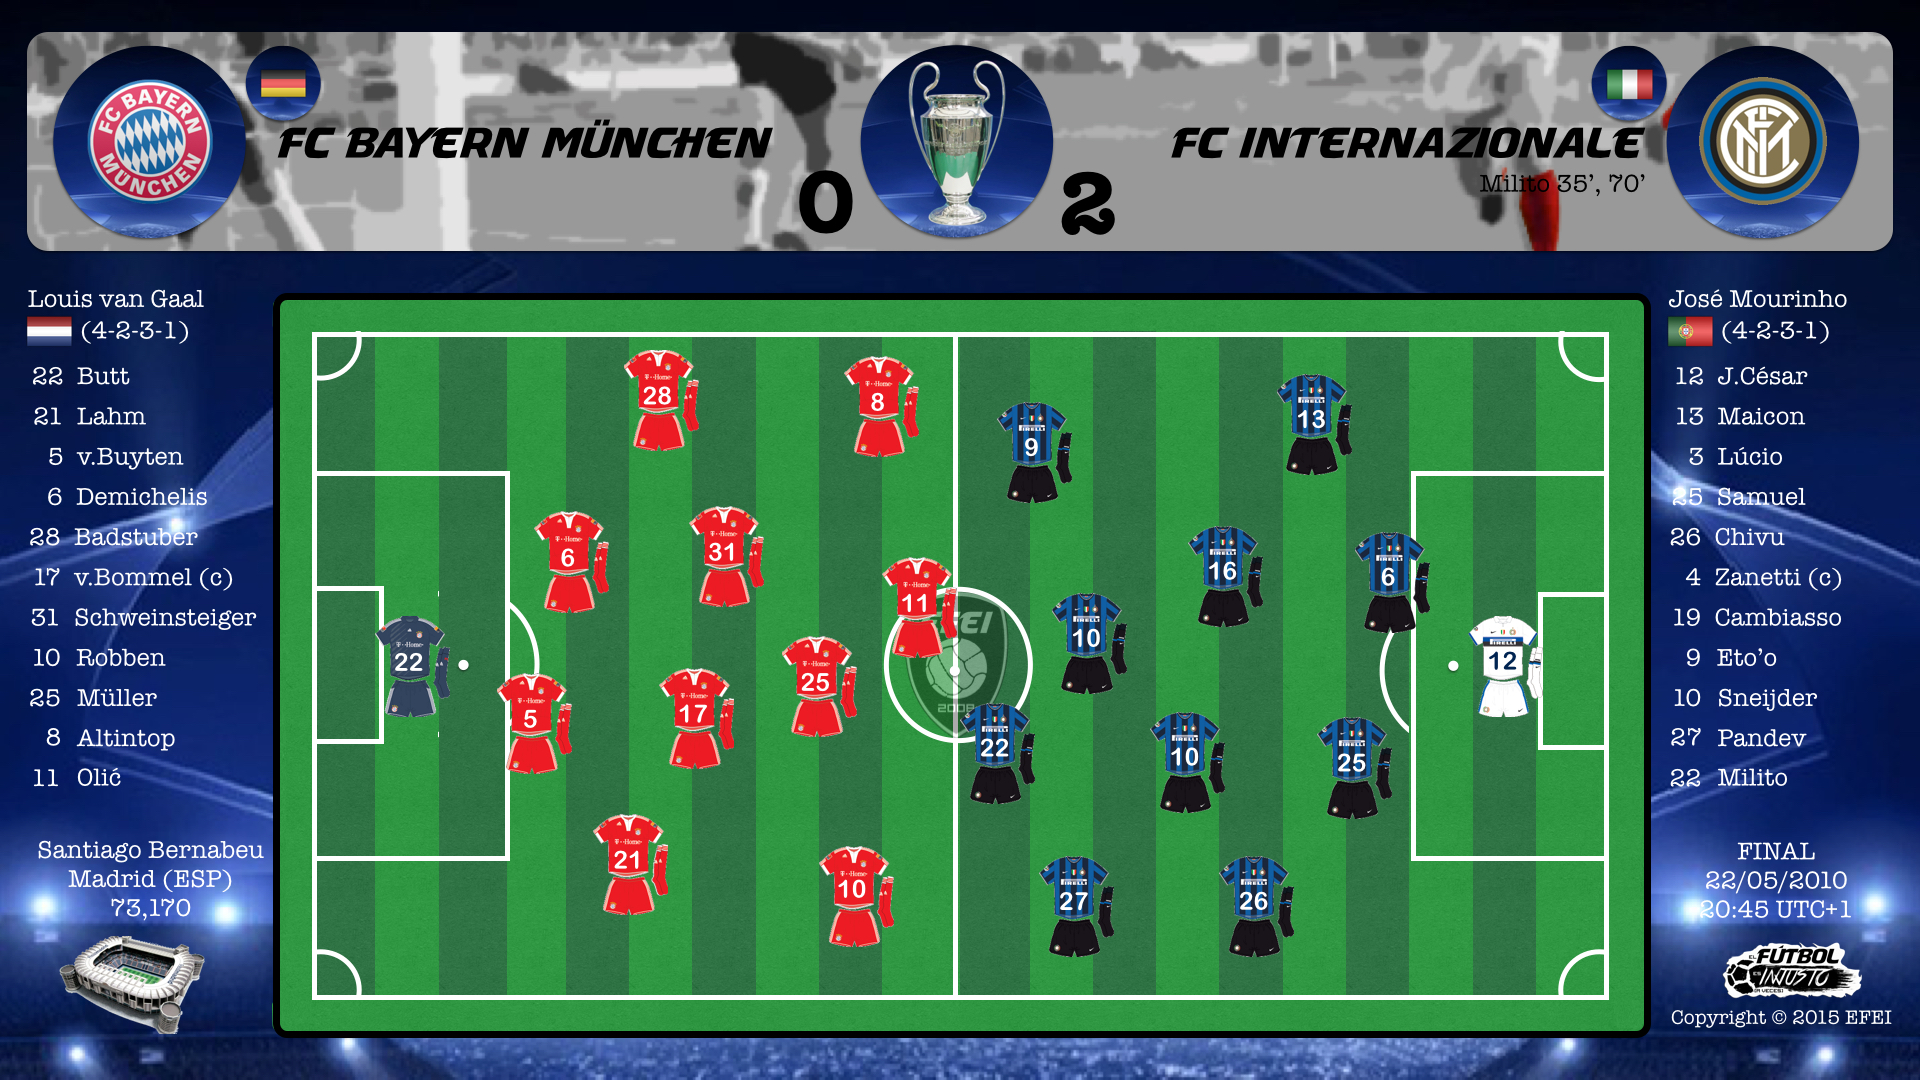 UEFA Champions League Final 2010 Bayern München Inter